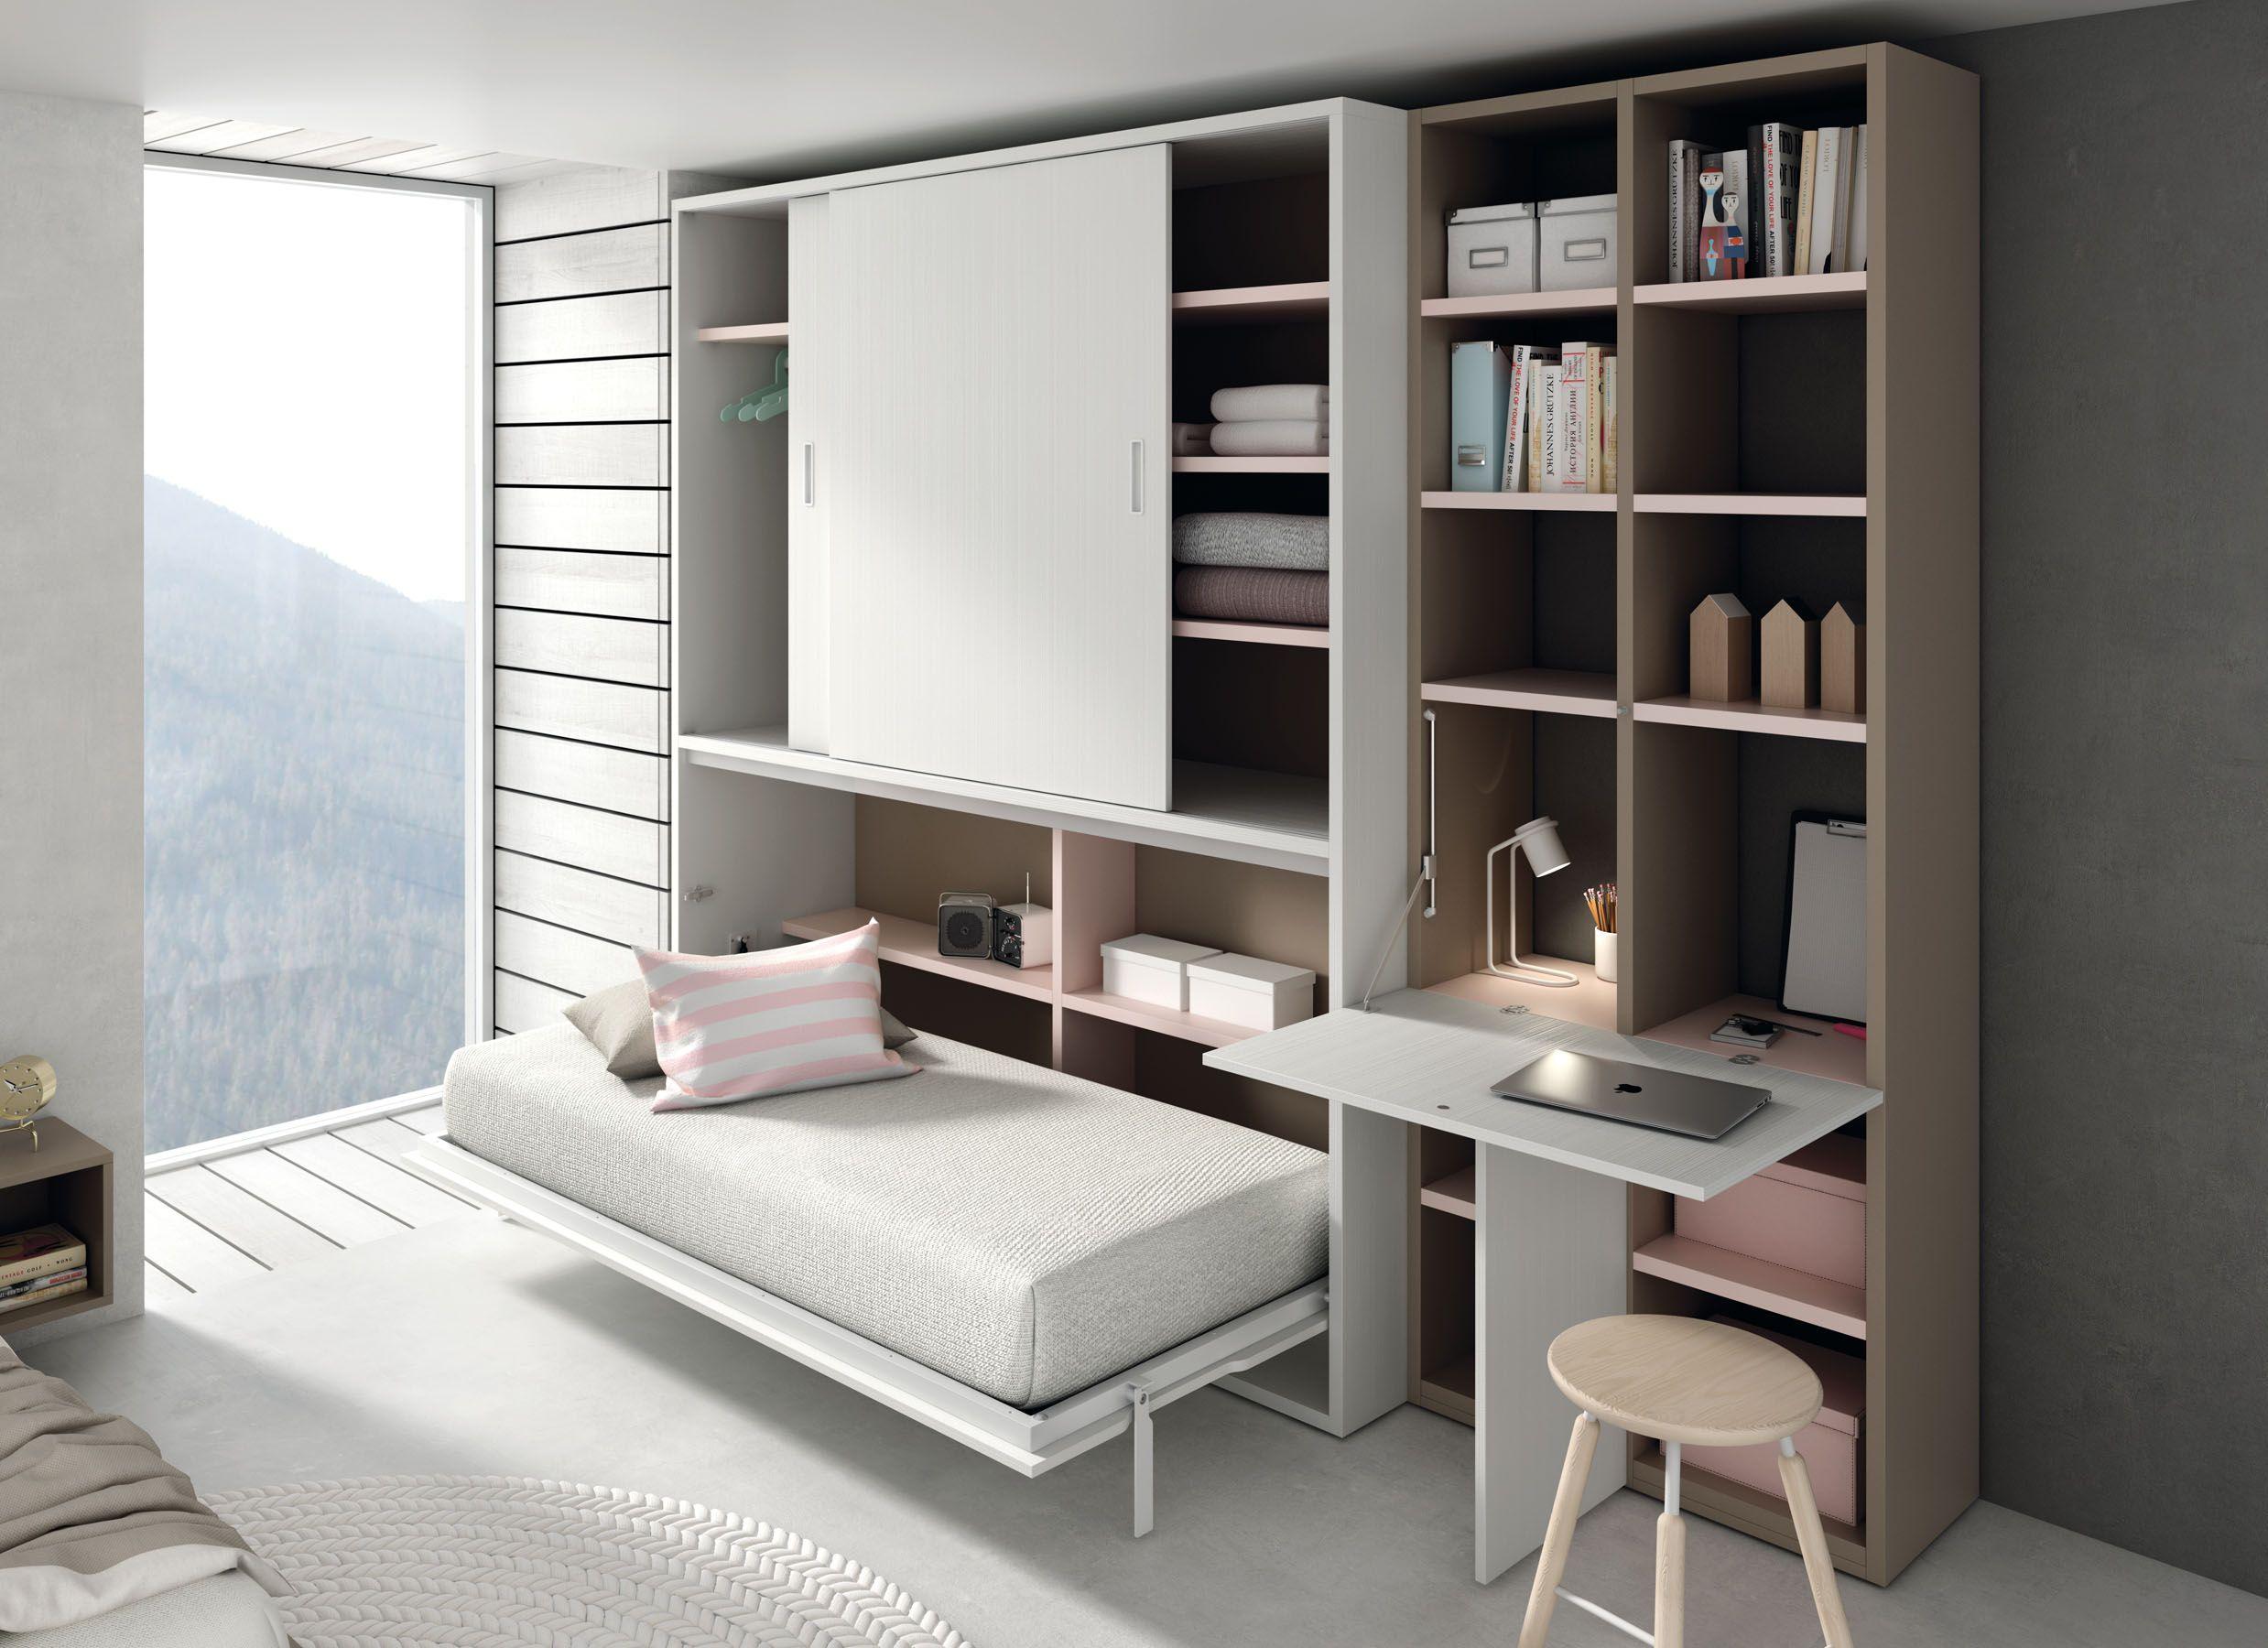 Cama Y Mesa De Estudio Abatible Http Www Aristamobiliario Es 68  ~ Dormitorios Juveniles Para Espacios Muy Pequeños